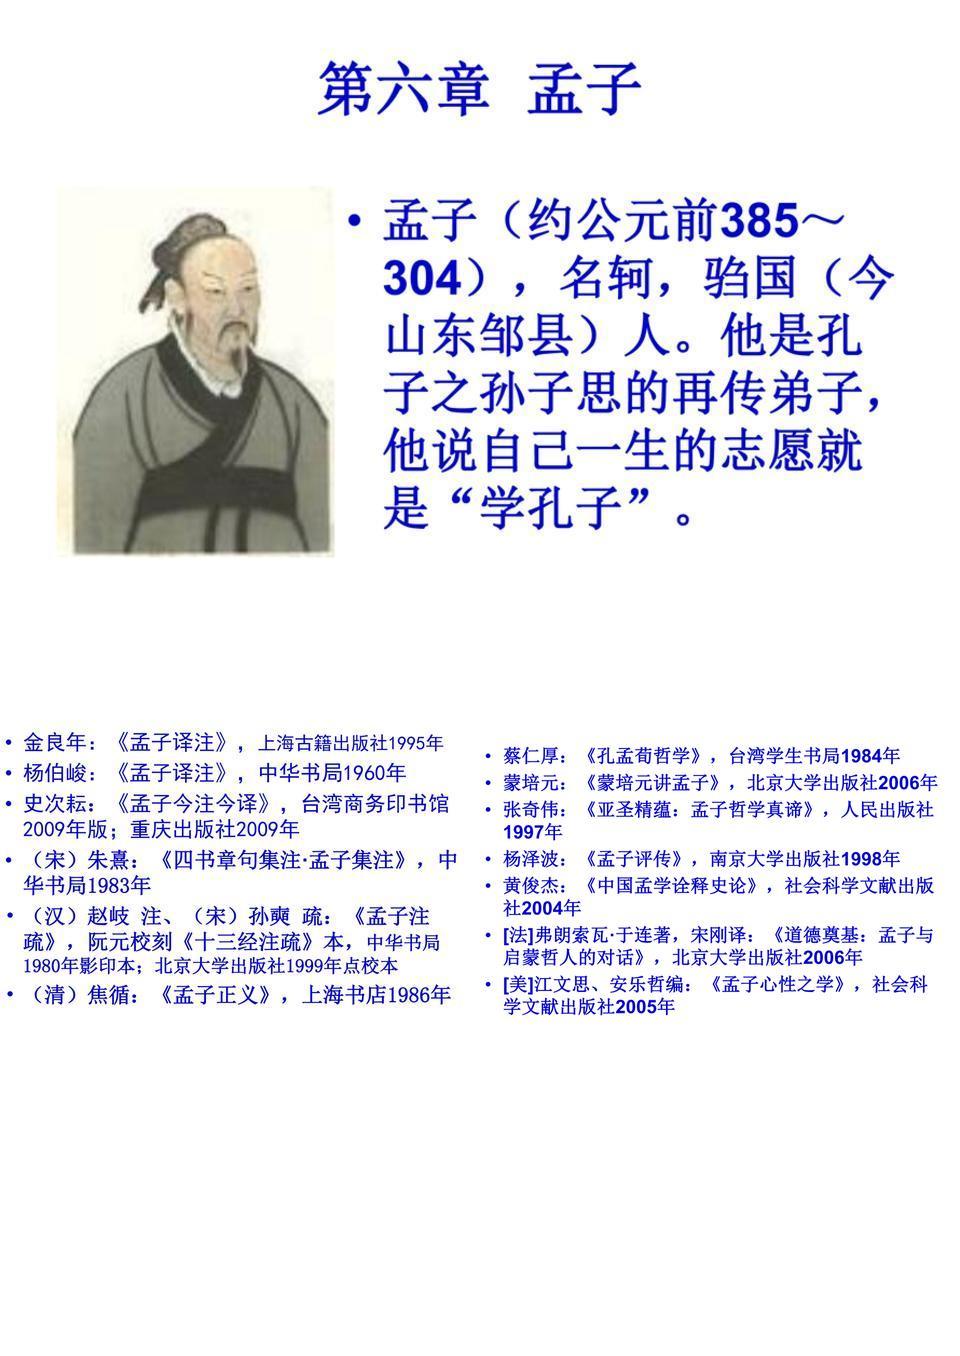 中国哲学史-孟子.ppt